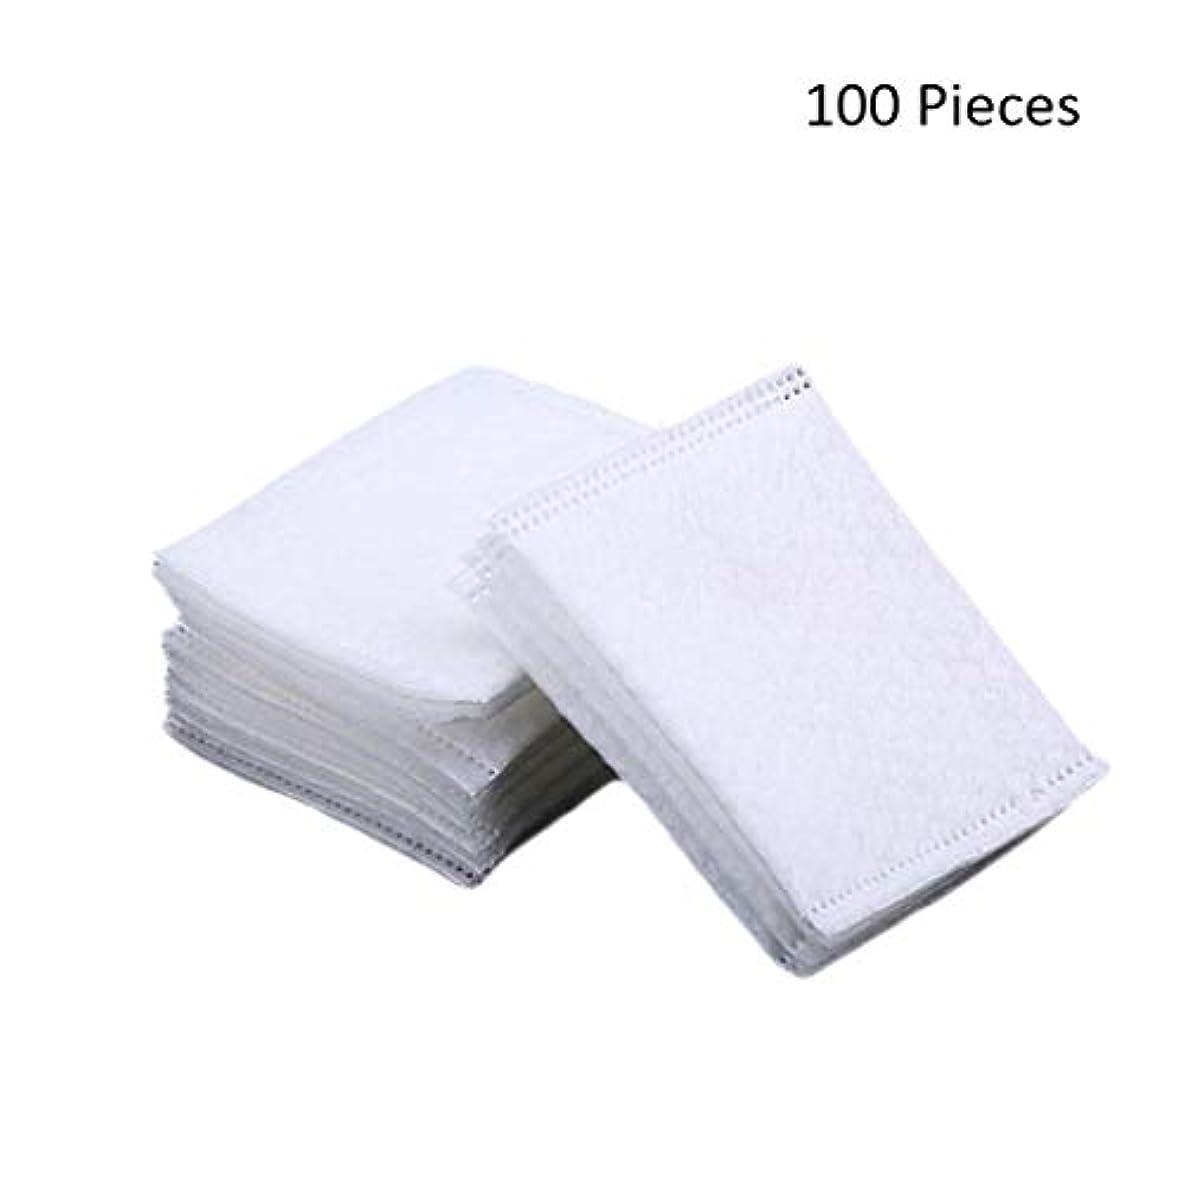 重要なエッセイプレート50/100/220ピースダブルサイドフェイスメイクアップリムーバーコットンパッド密封旅行削除コットンパッドスキン化粧品メイクアップツール (Color : White, サイズ : 100 Pieces)